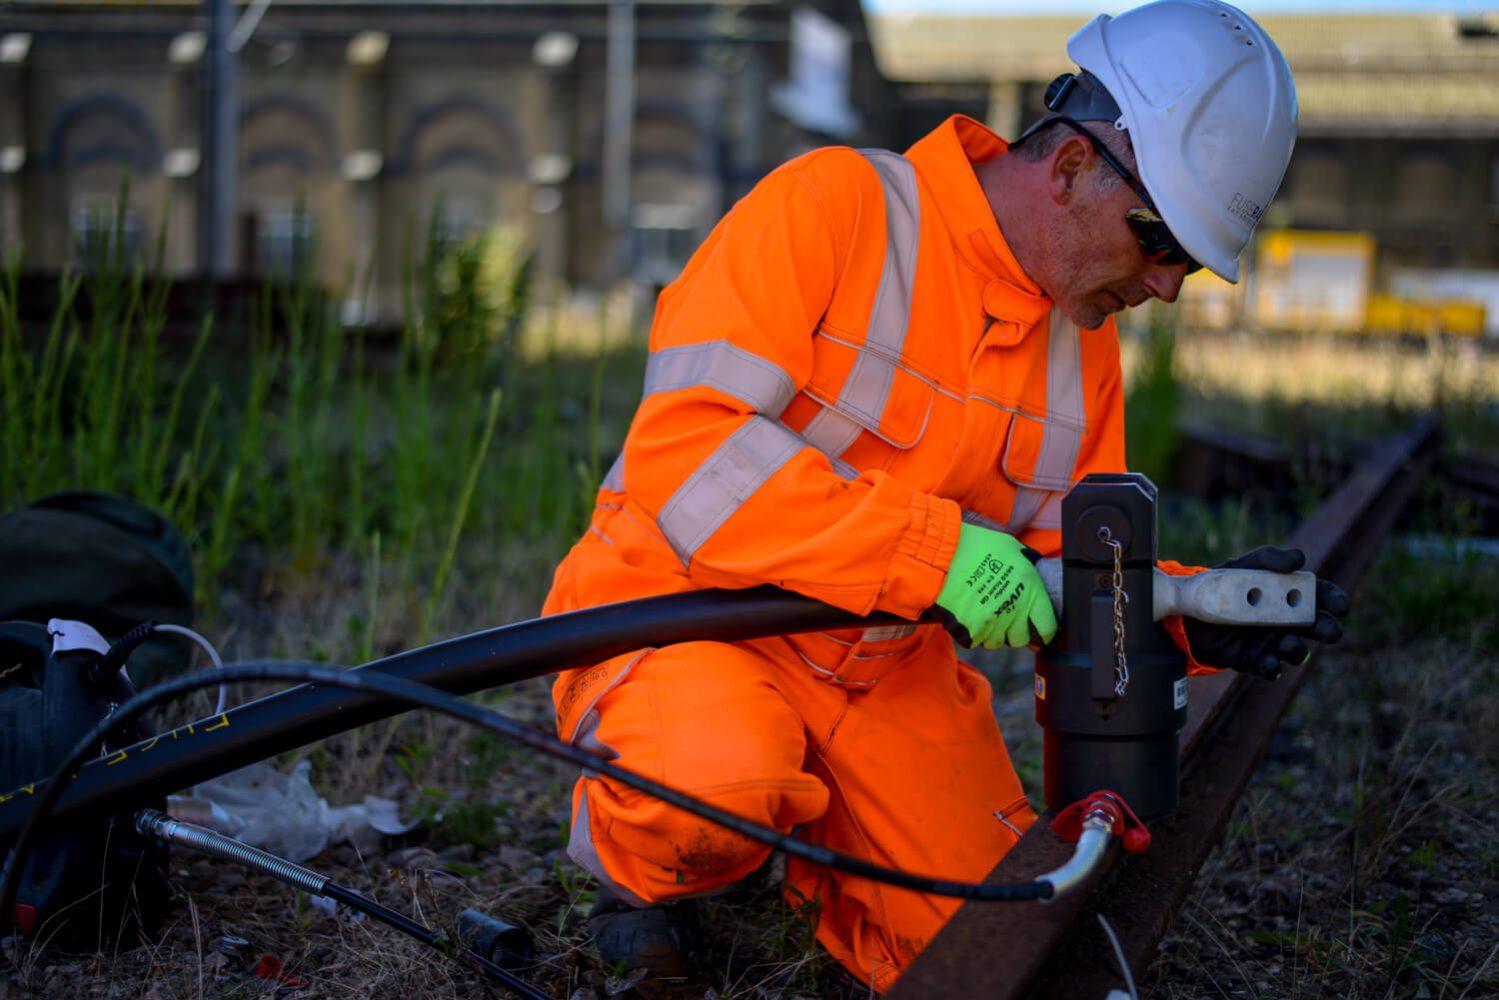 Conductor Rail Equiptment - Fuse Rail